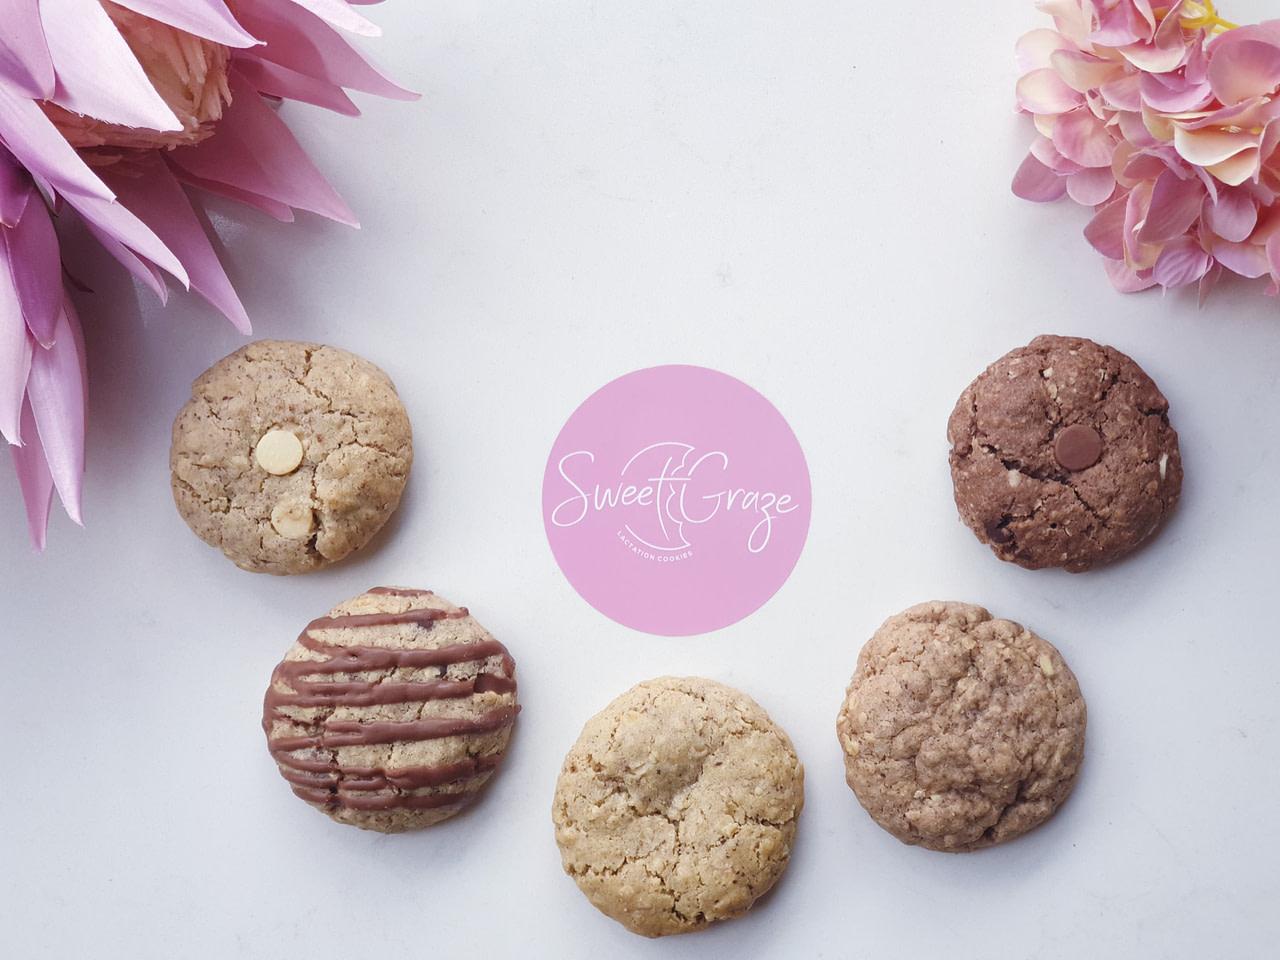 sweet graze cookies